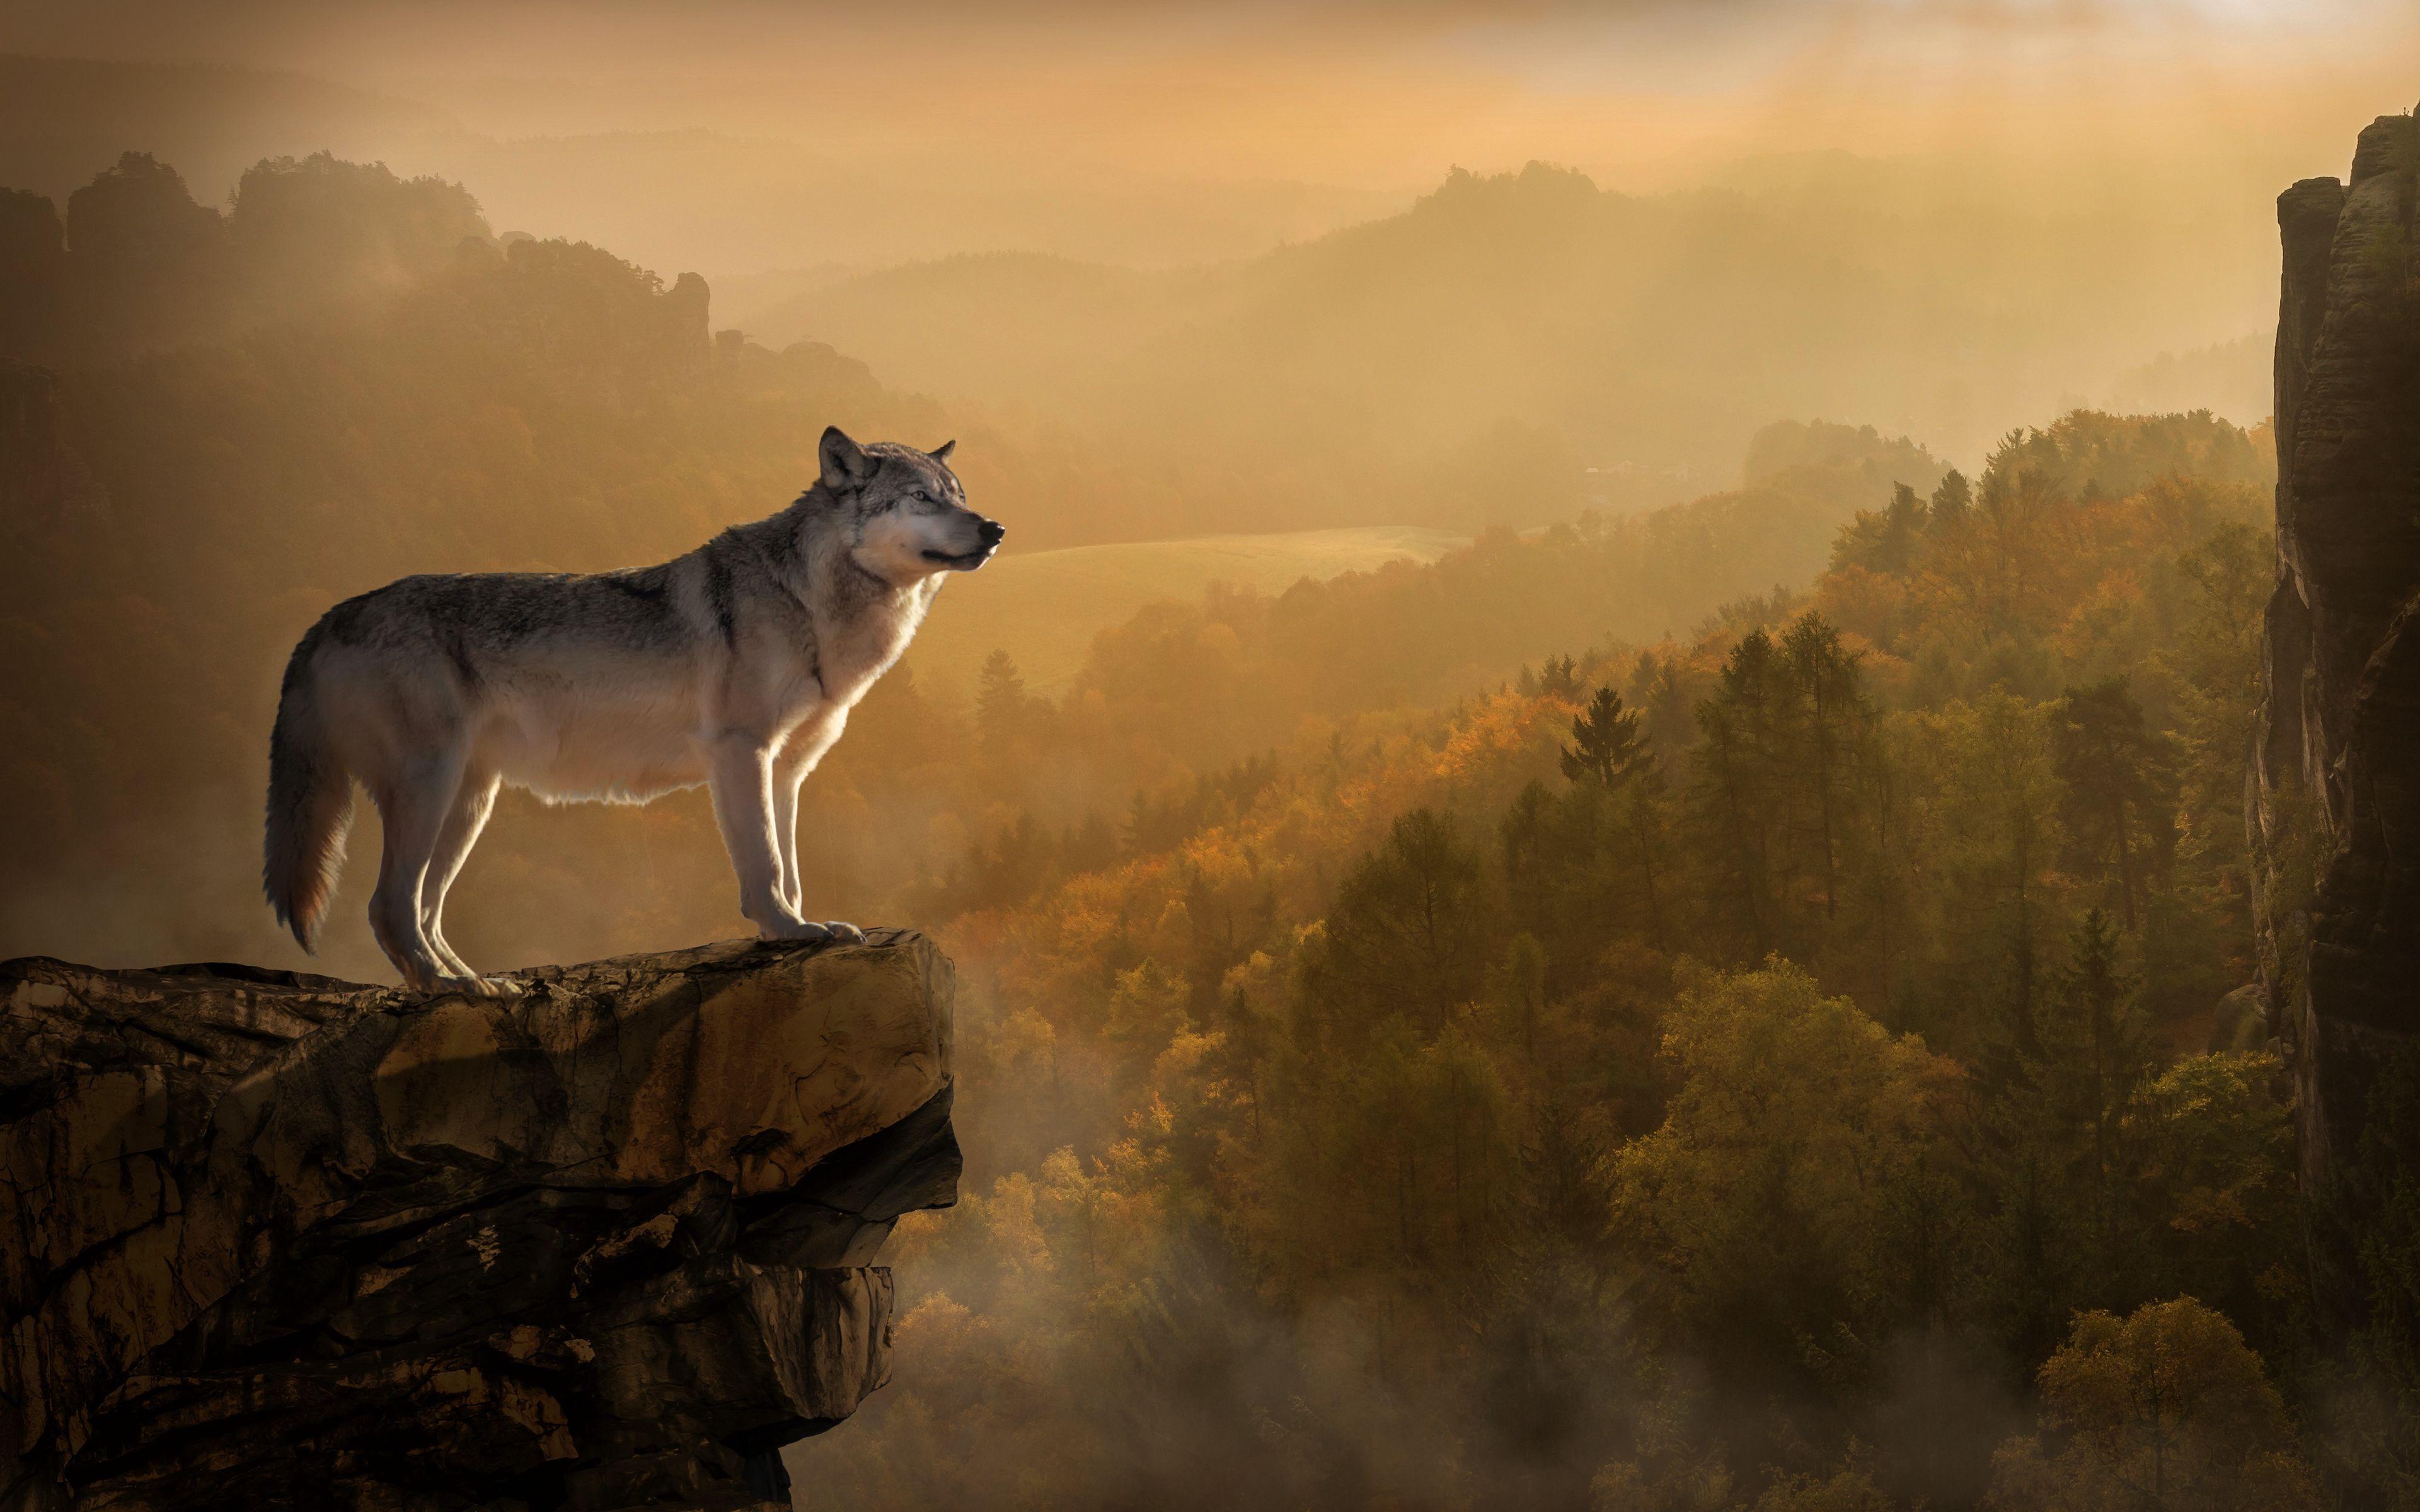 Fondos de pantalla Lobo en una roca arriba del bosque